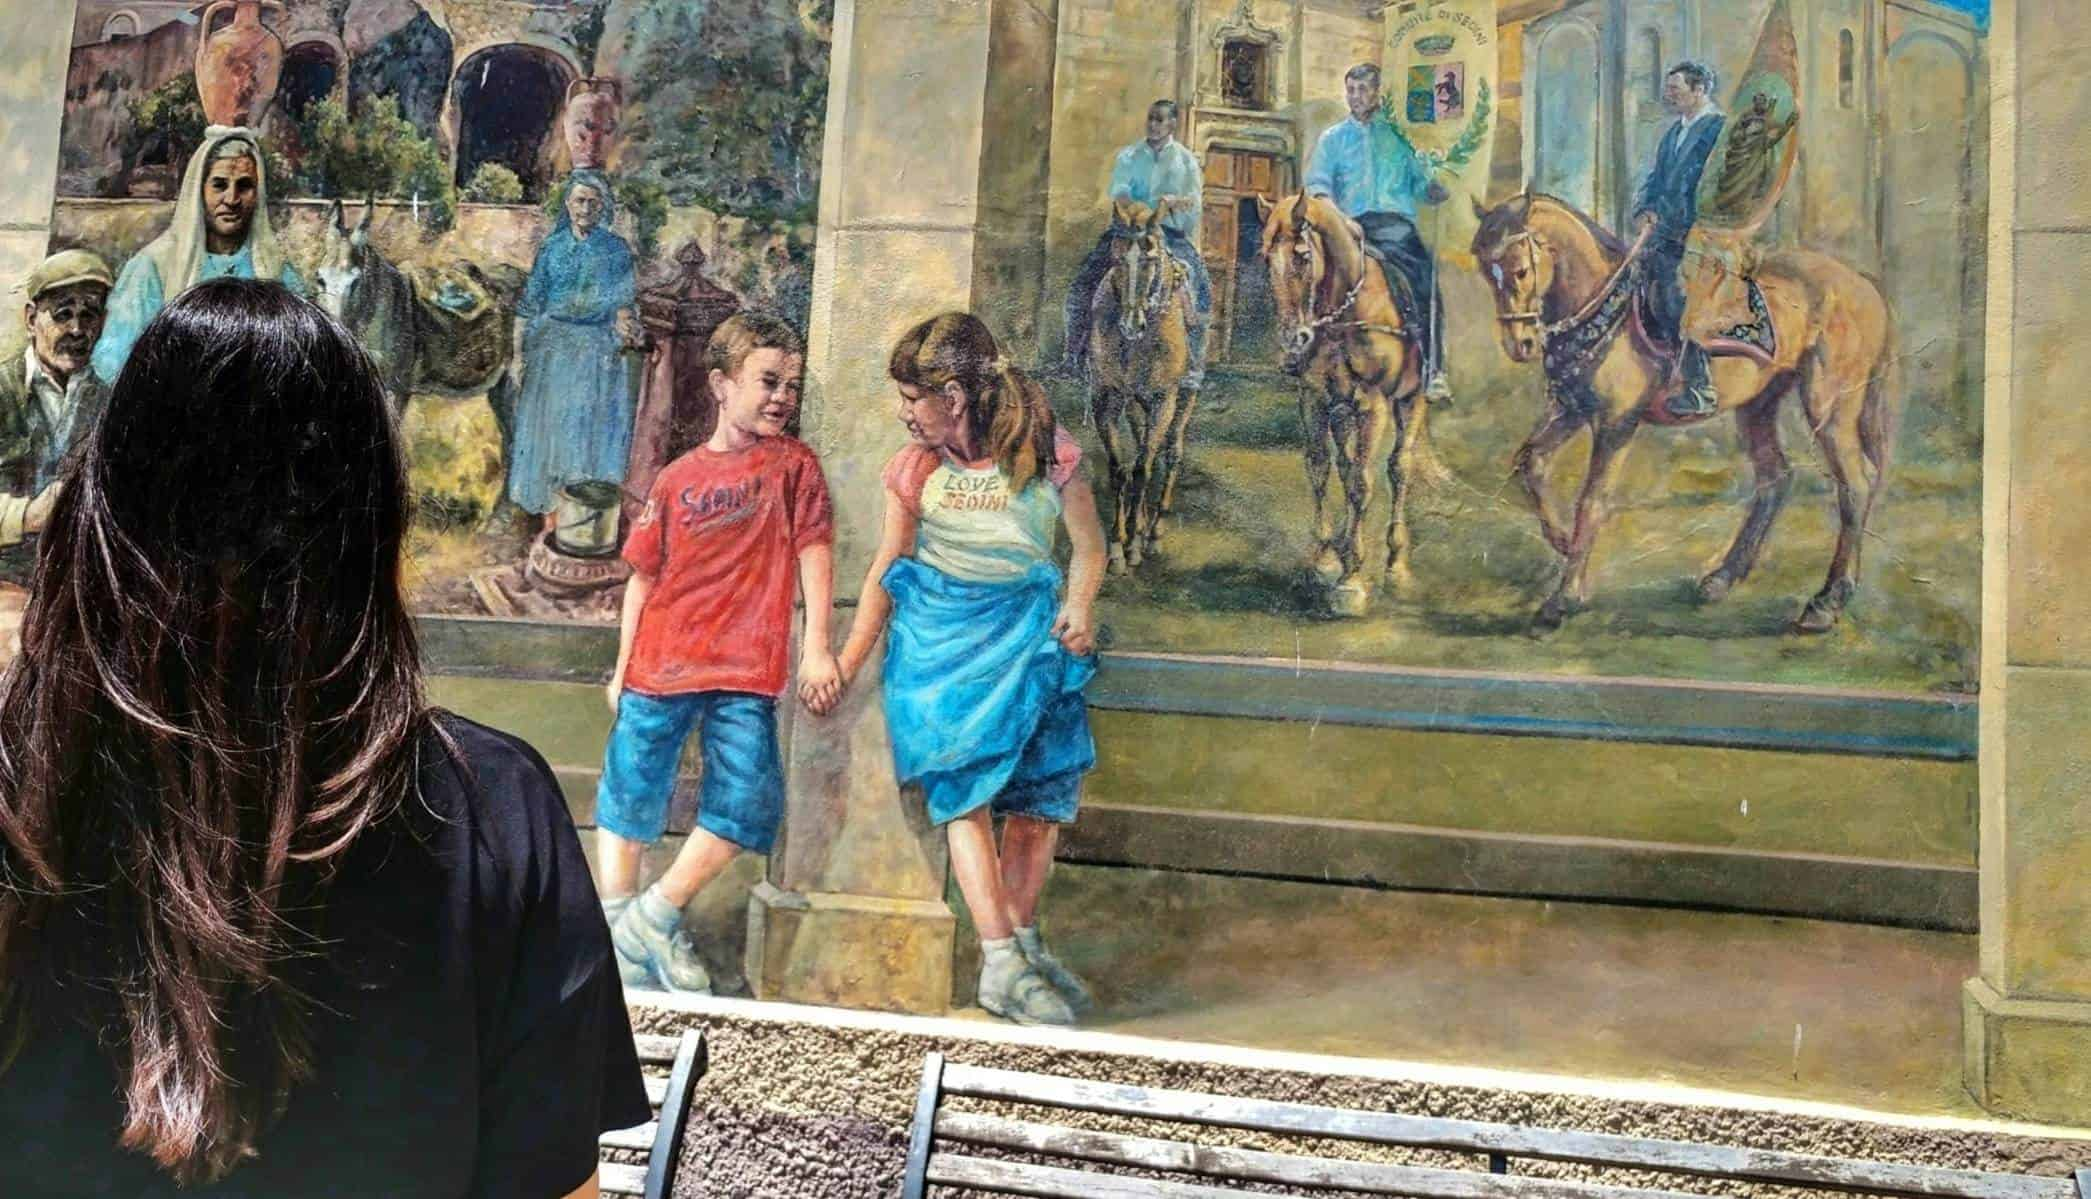 5 borghi sardi da visitare nei dintorni di Sassari